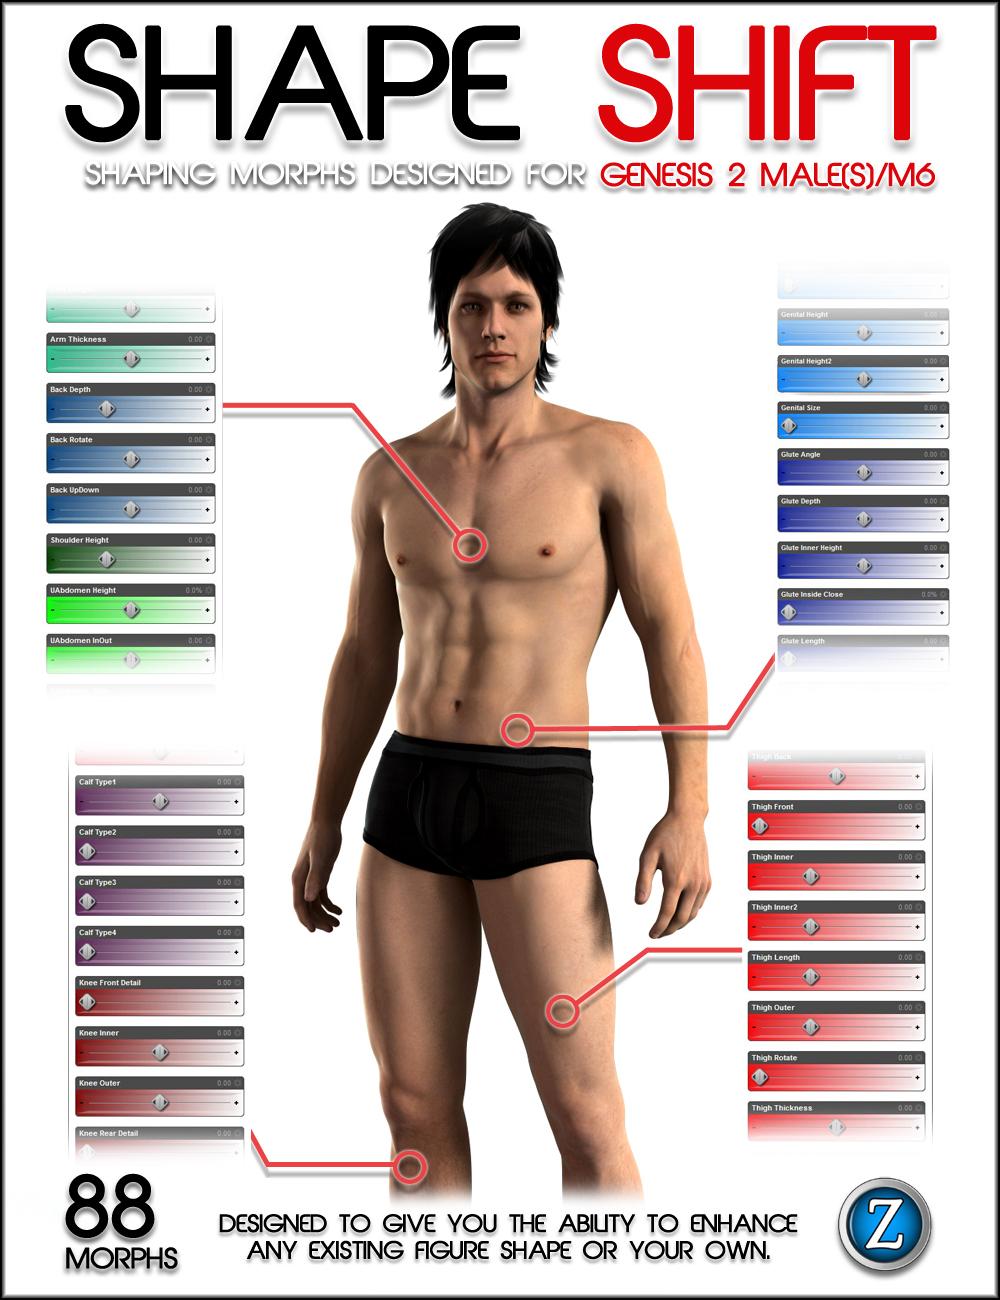 Shape Shift for Genesis 2 Male(s) / M6 by: Zev0, 3D Models by Daz 3D